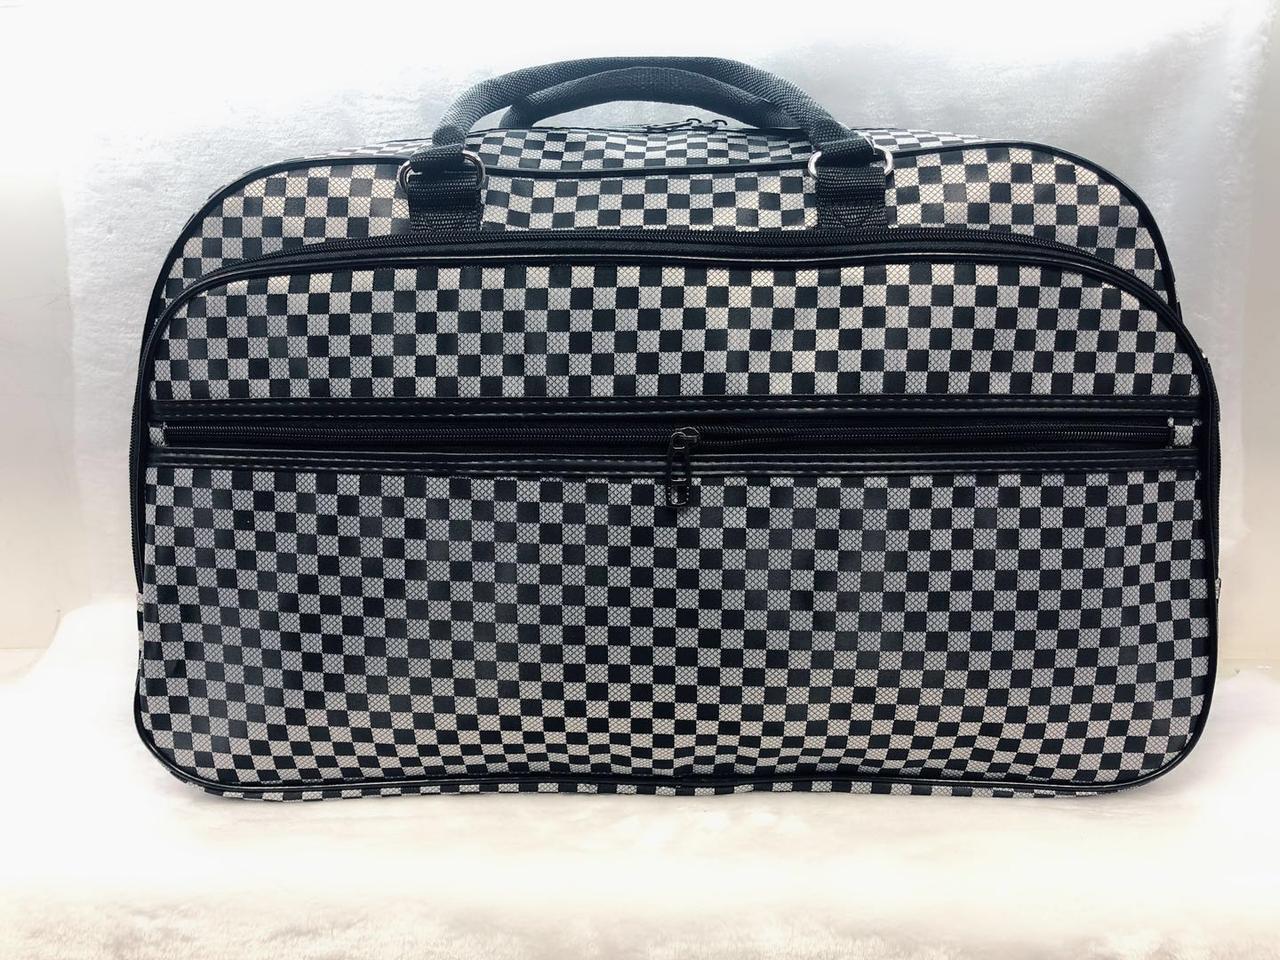 Стильная женская дорожная сумка-саквояж текстильная непромокаемая